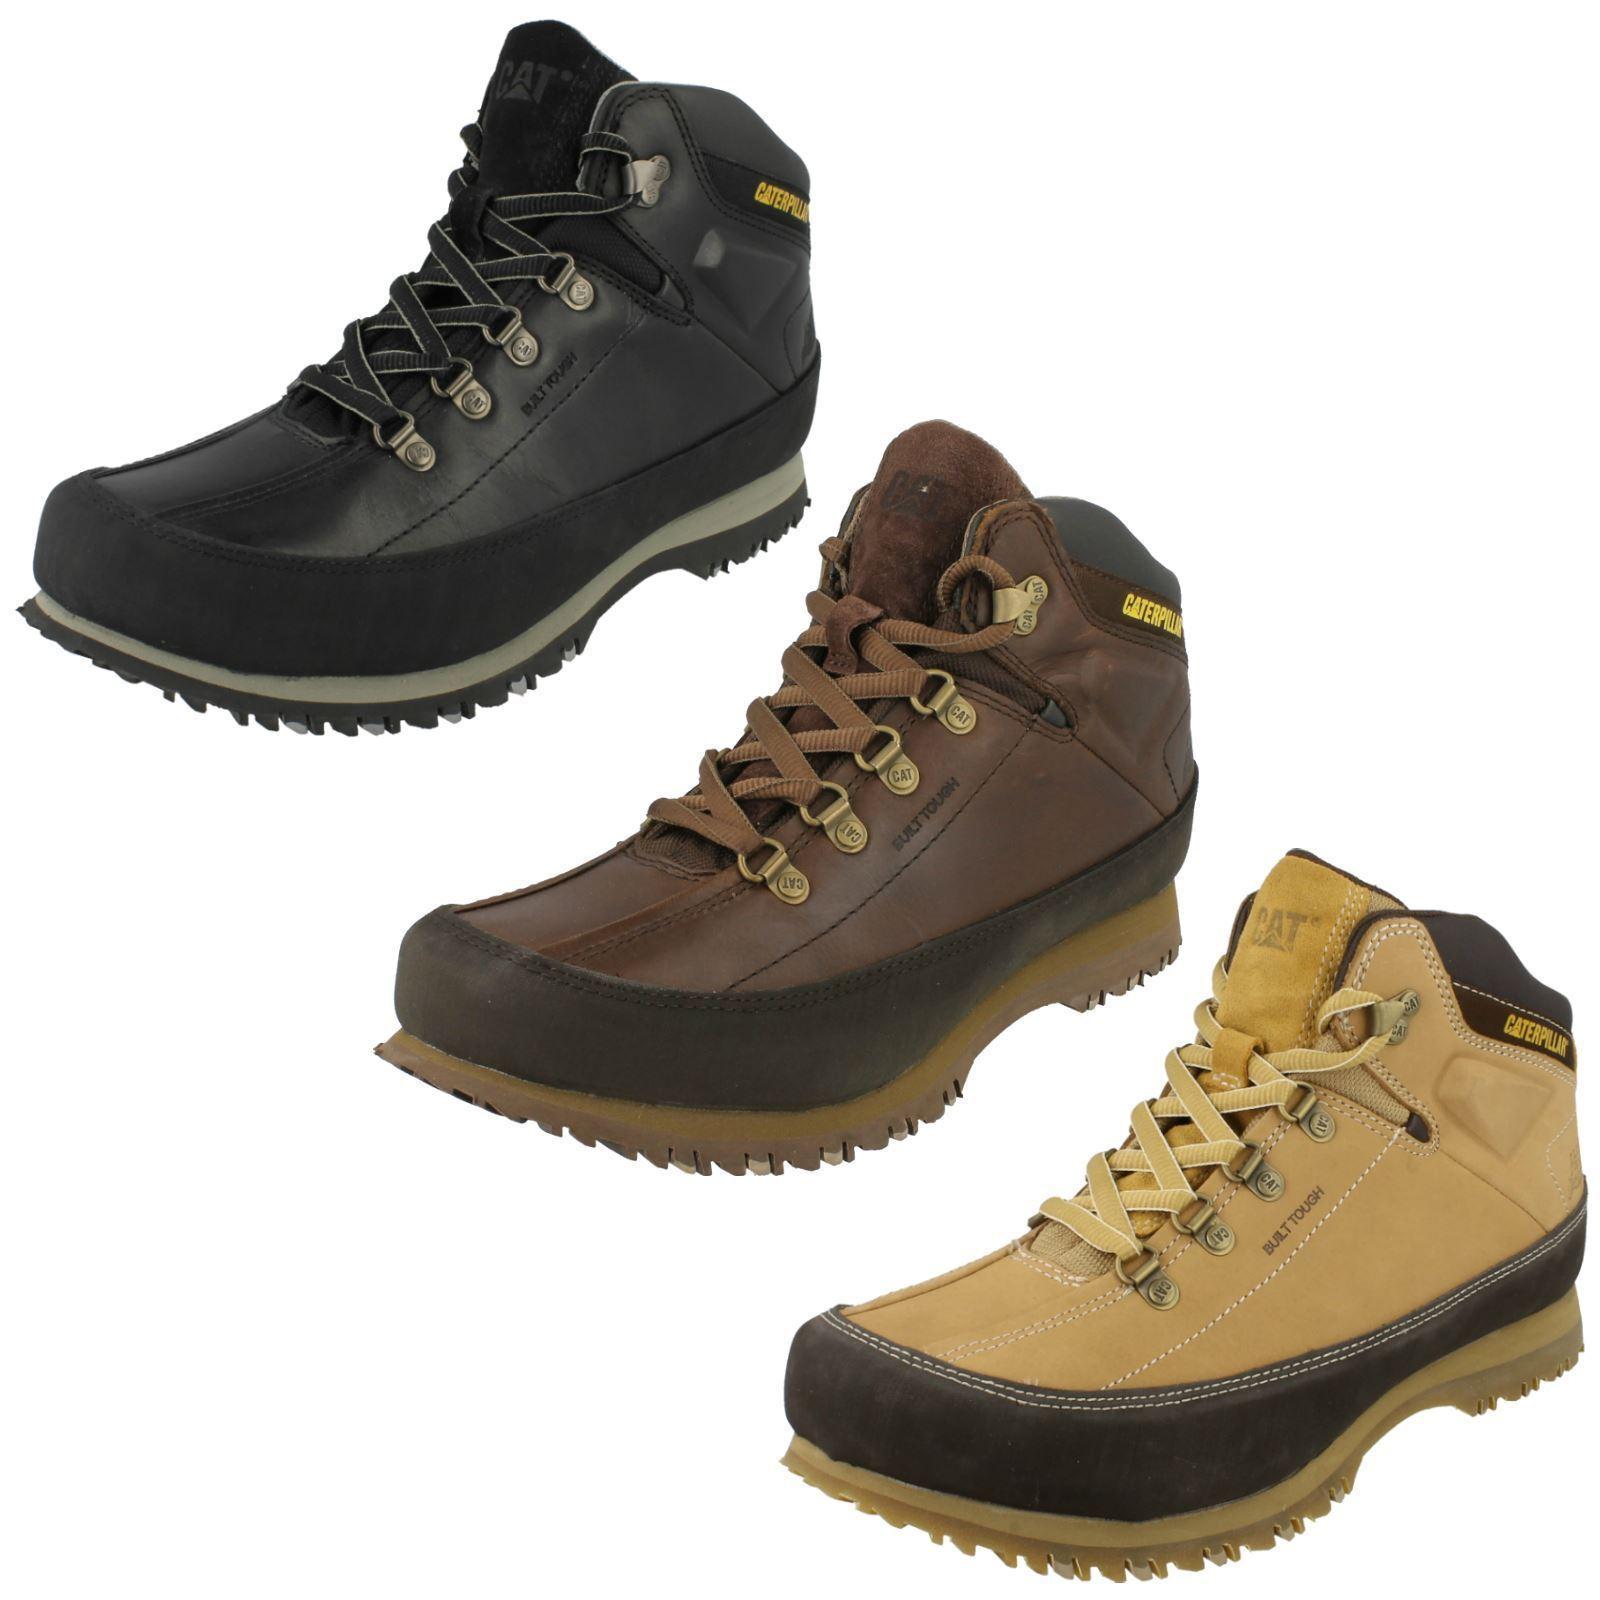 Caterpillar Hombre Para Cordones Cuero Senderismo Zapatos Para Hombre Andar Botines Casuales 124aeb